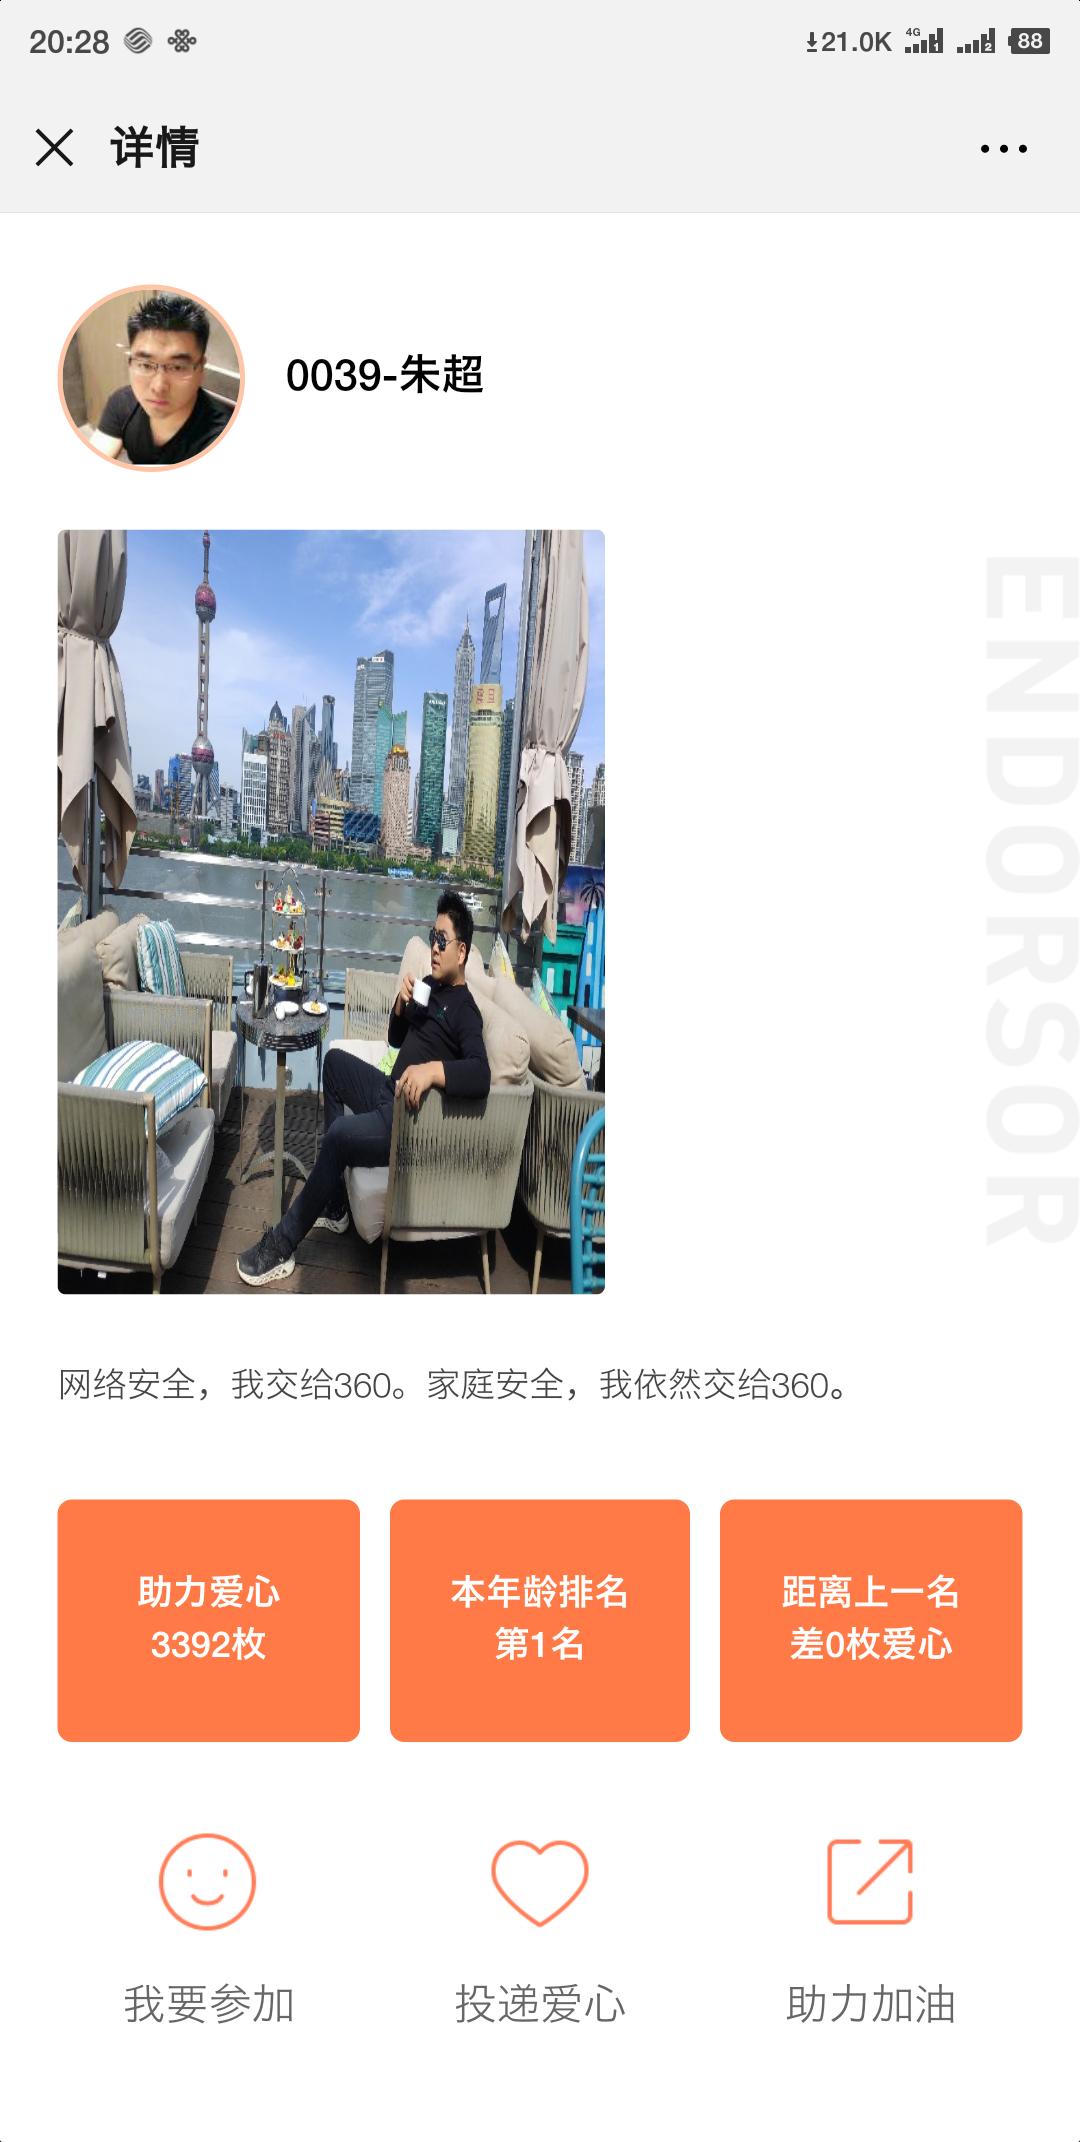 Screenshot_2019-11-06-20-28-14-025_微信.png